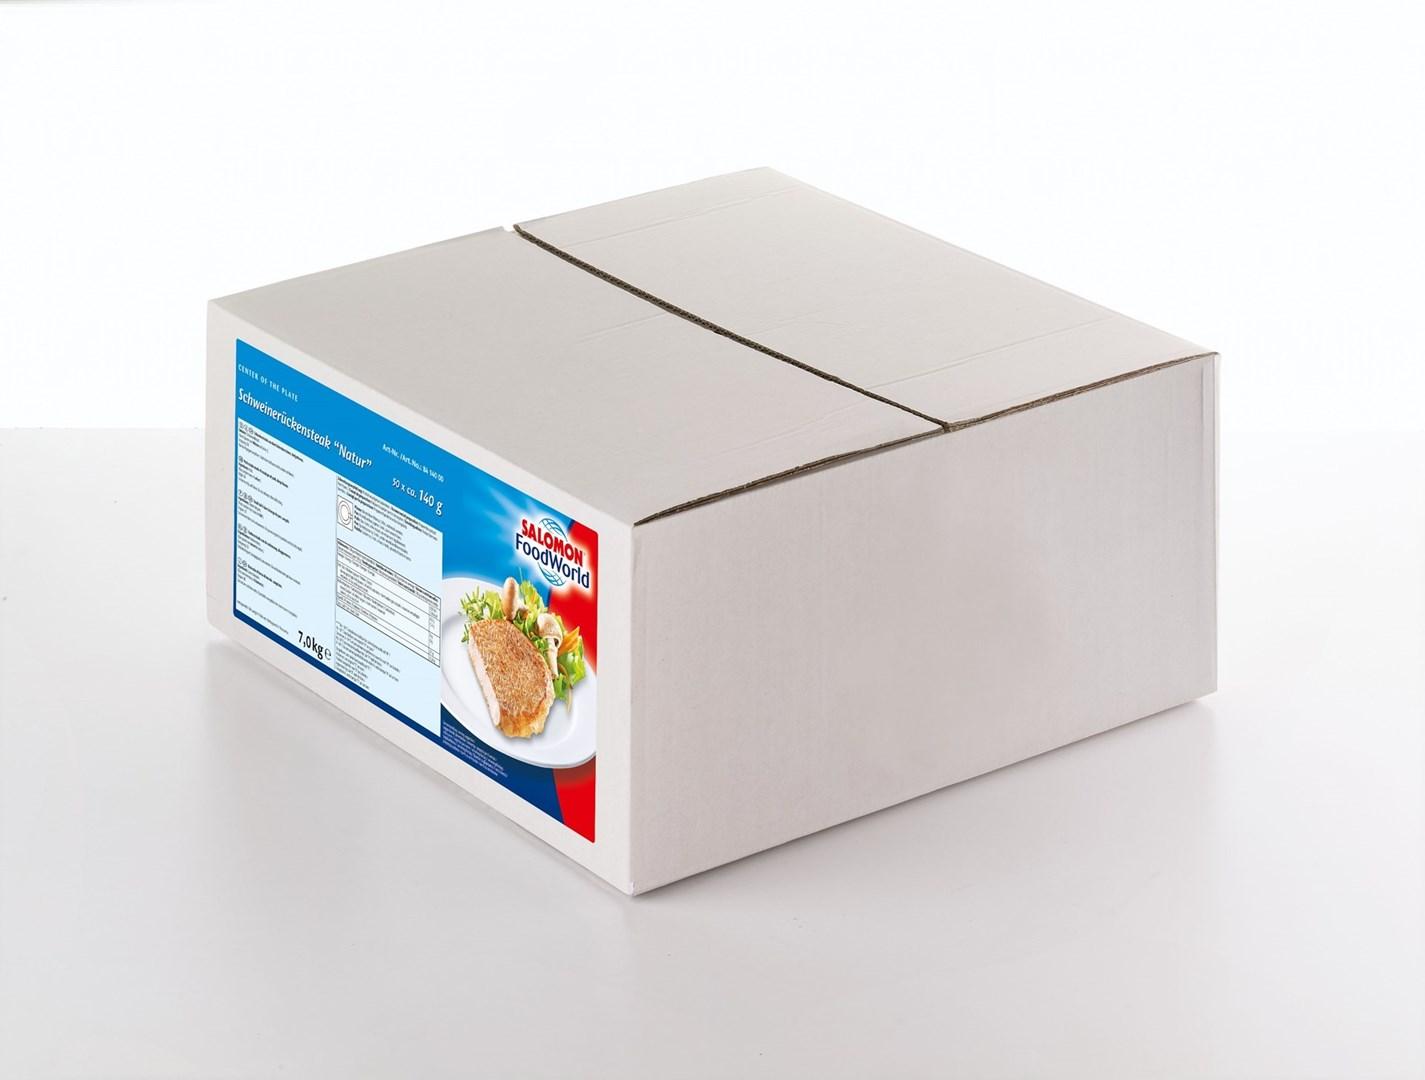 Productafbeelding MS Varkenssteaks, 140 g